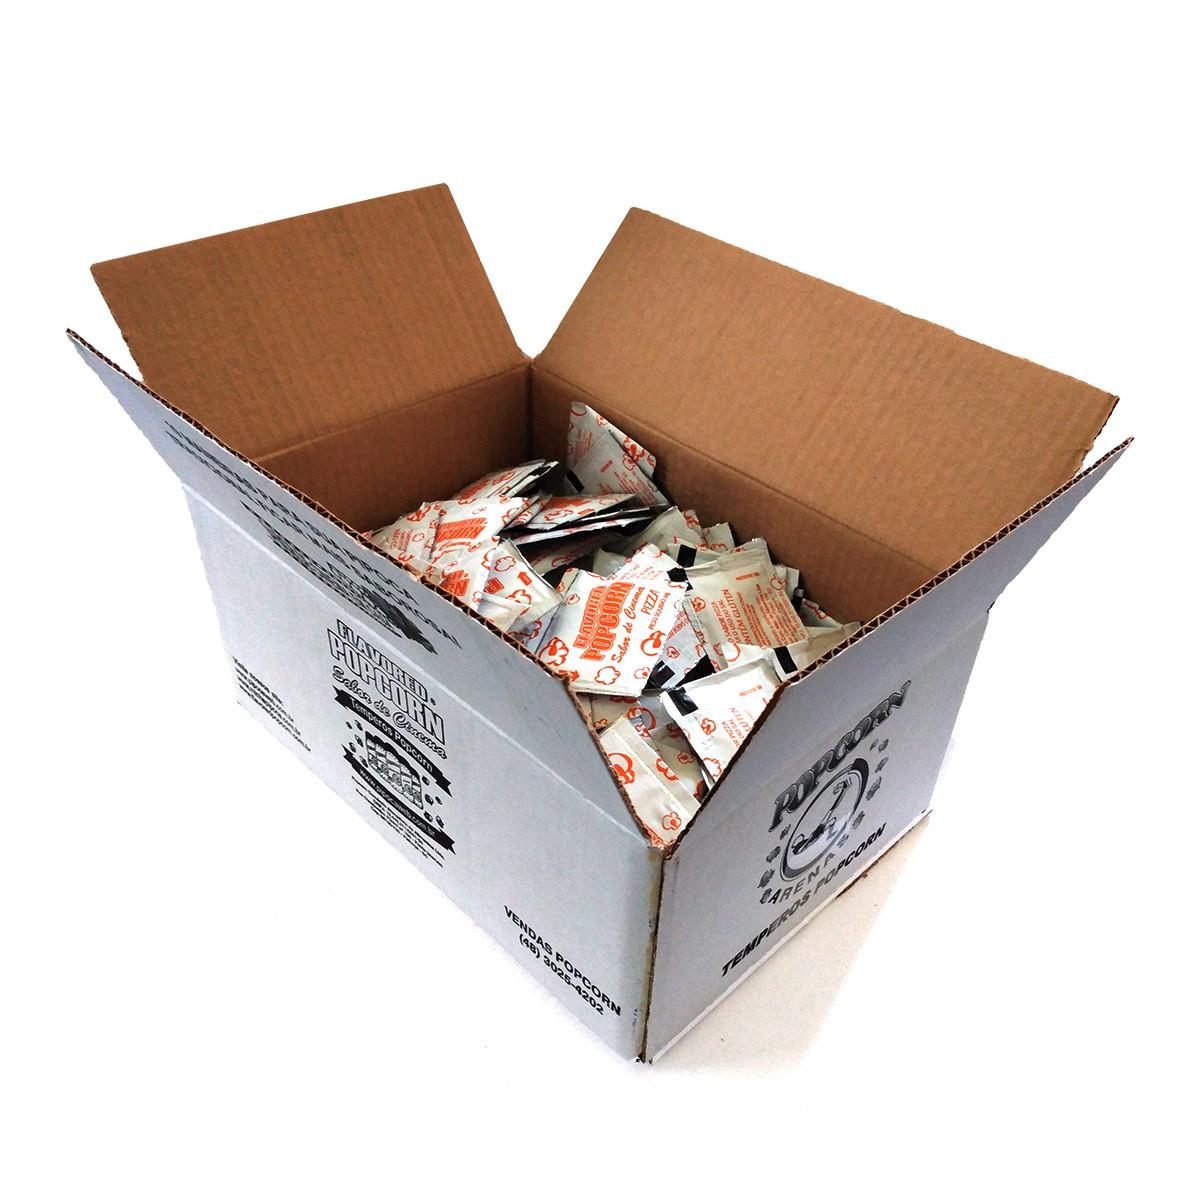 Temperos Popcorn Sachês 5g - 8 sabores - Caixa c/ 400 sachês  - Escolha o Sabores